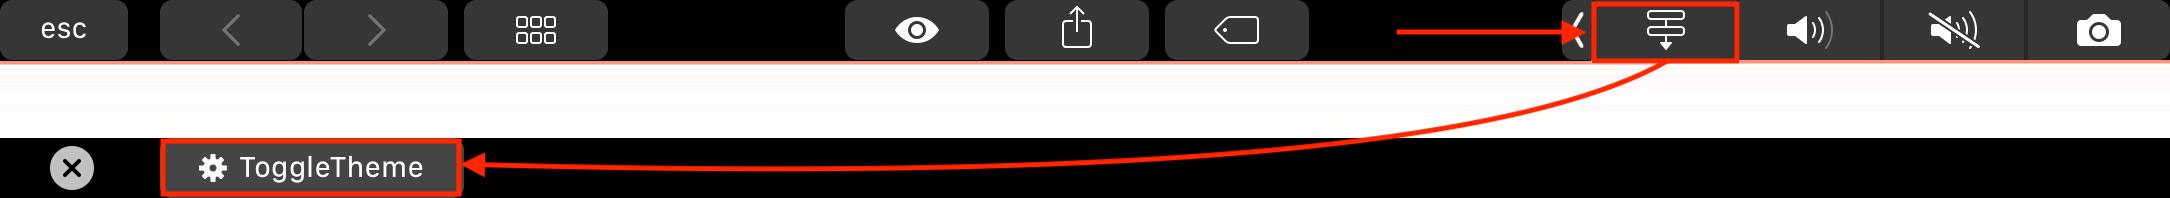 Touch Bar - Je moet 2x op een knop drukken